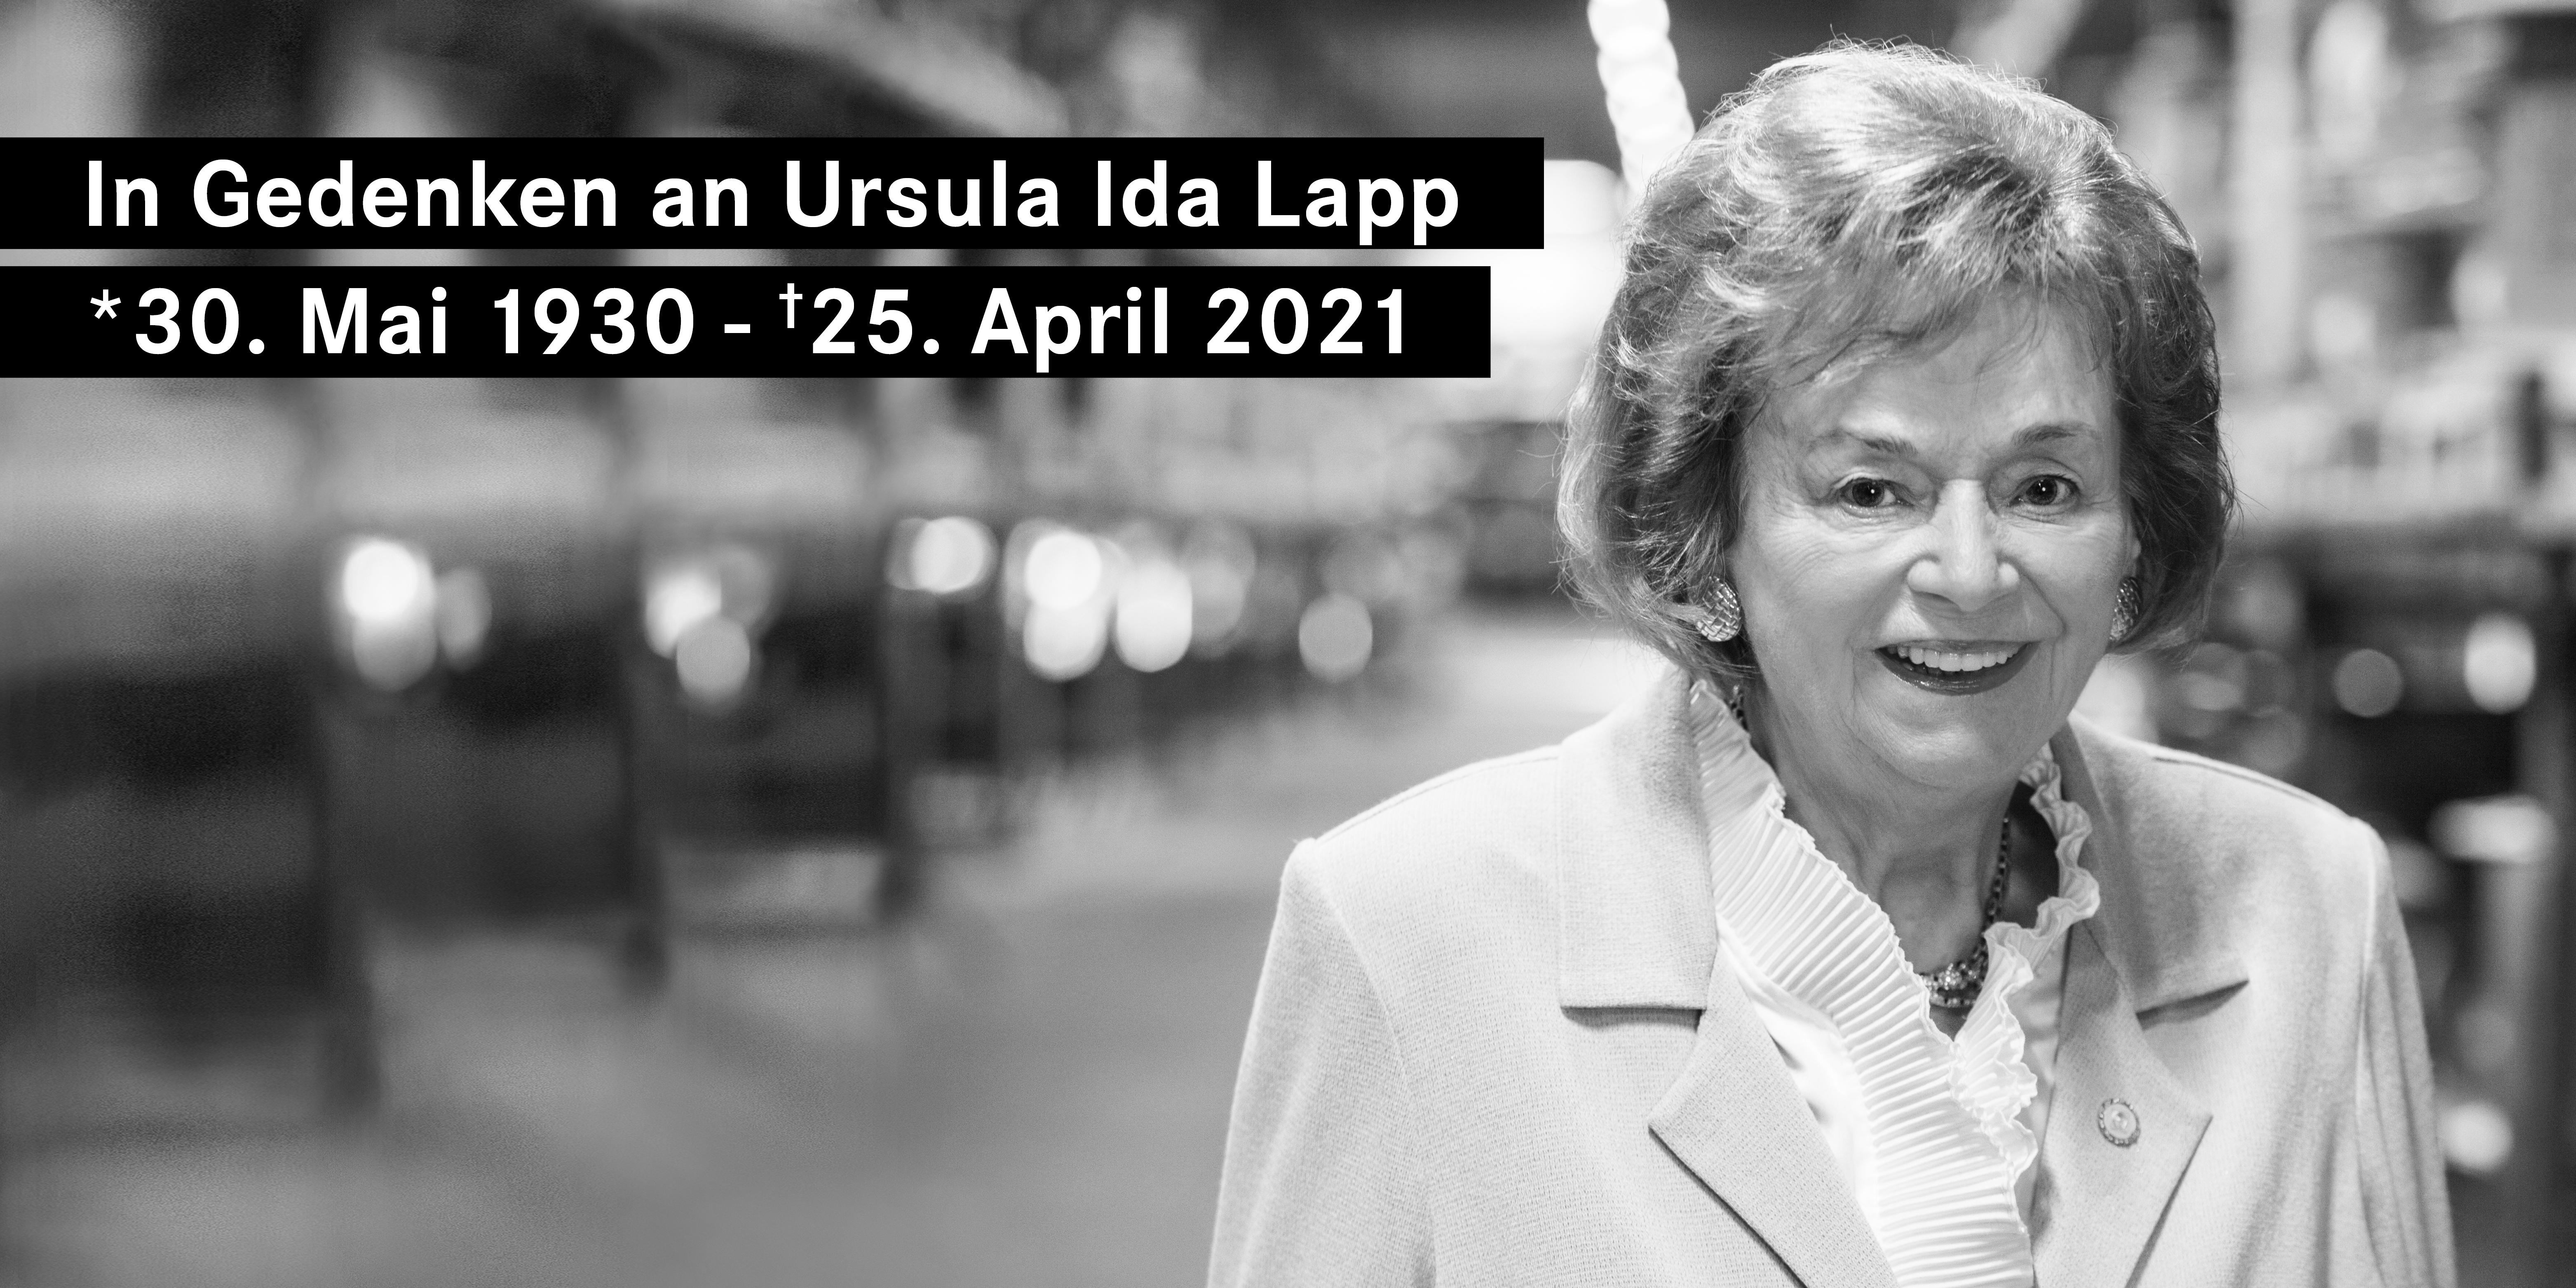 Ursula Ida Lapp DE